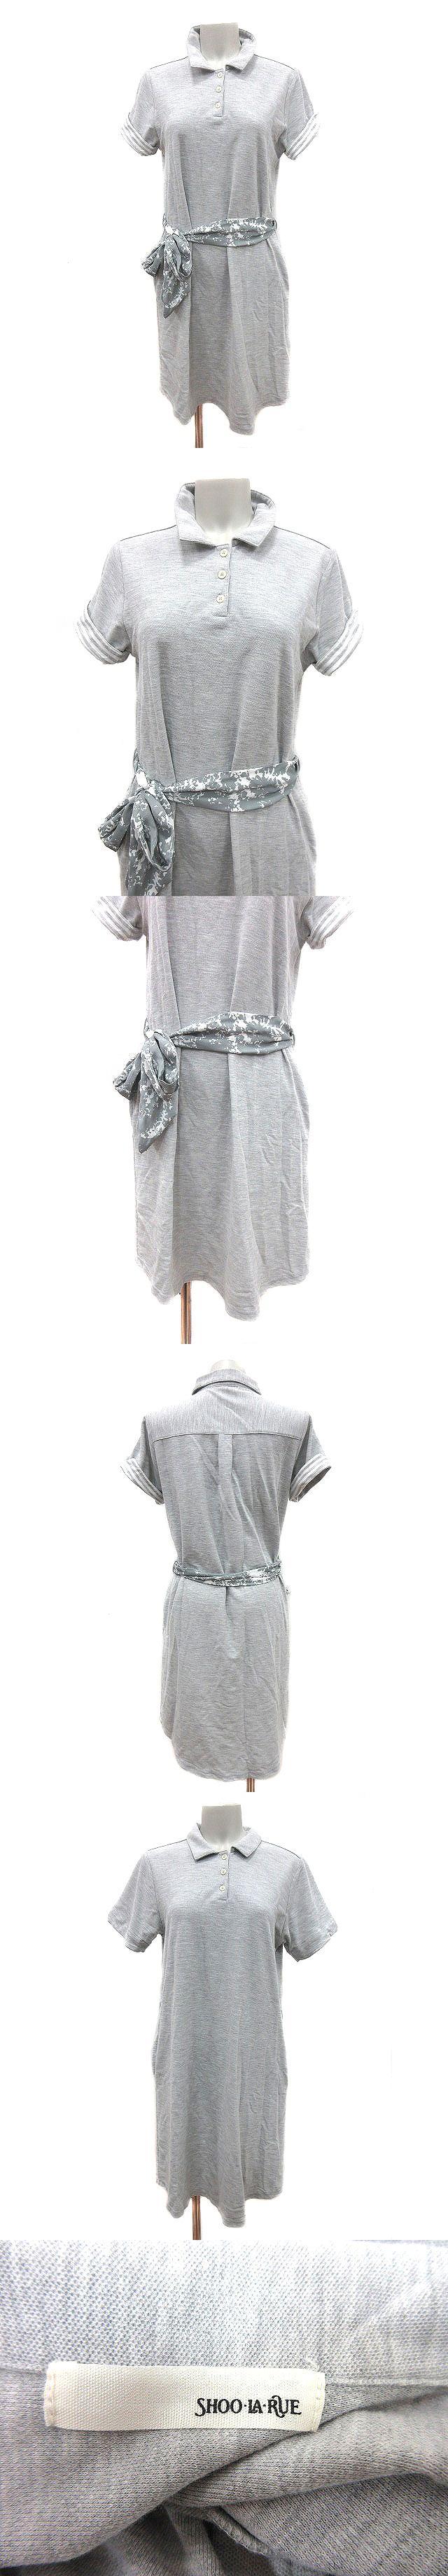 ワンピース ポロシャツ ひざ丈 鹿の子 半袖 ロールアップ M グレー /CT